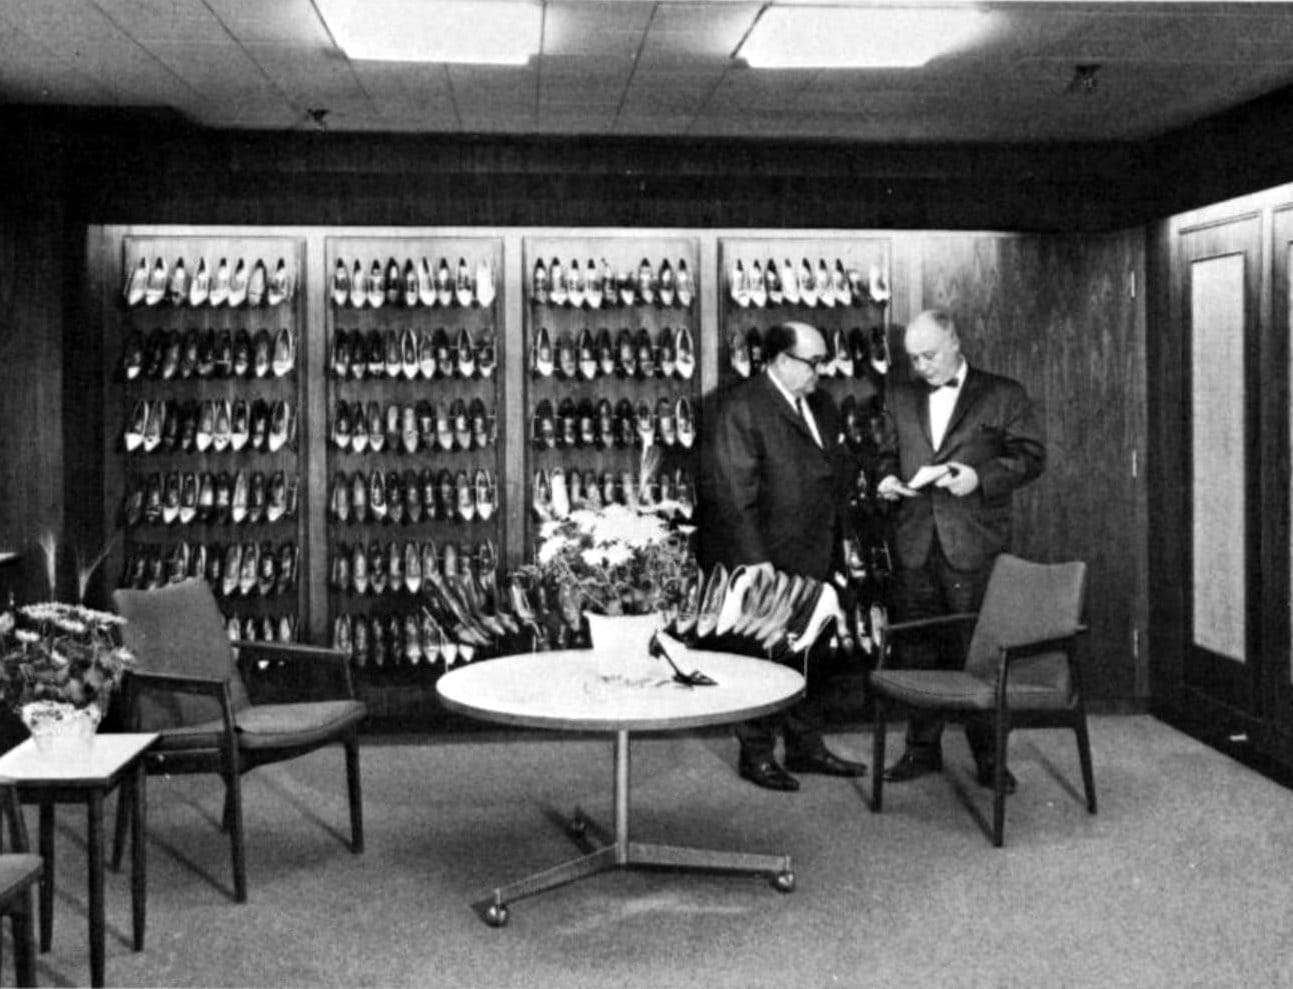 Men's shoe store in 1964